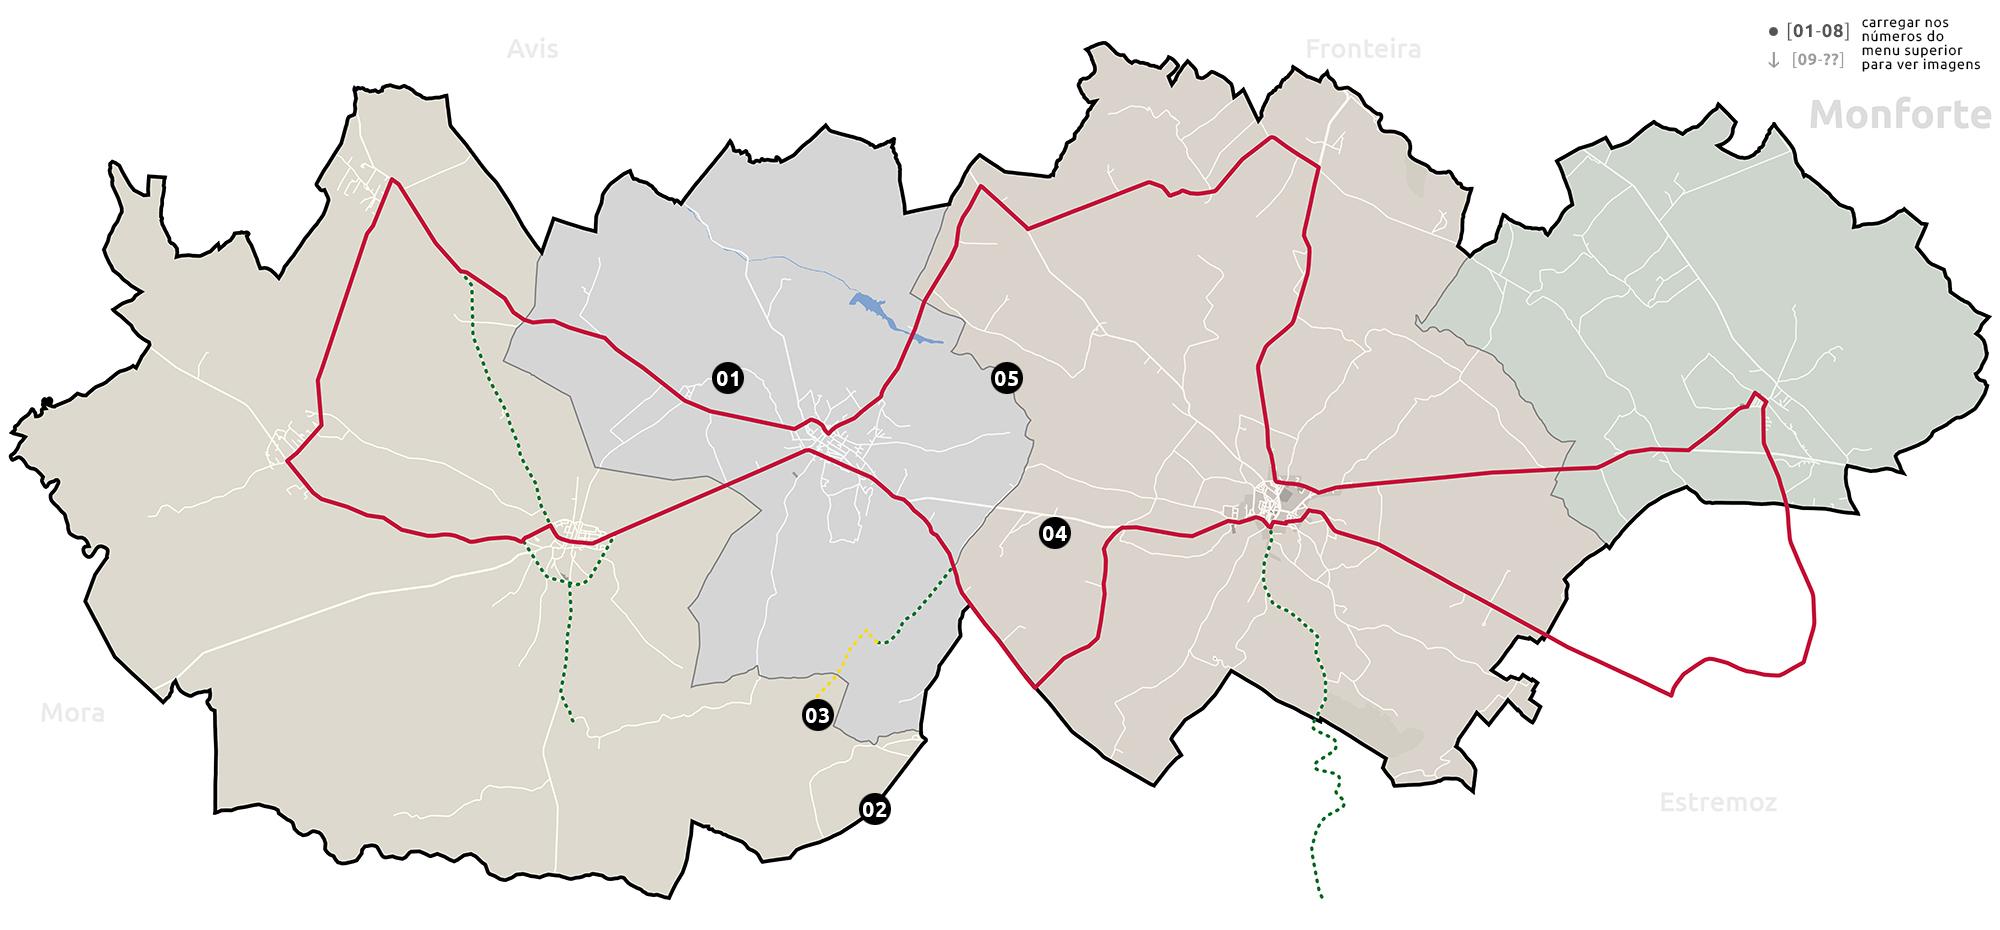 mapa_aumentado_2000x930_sousel_140728